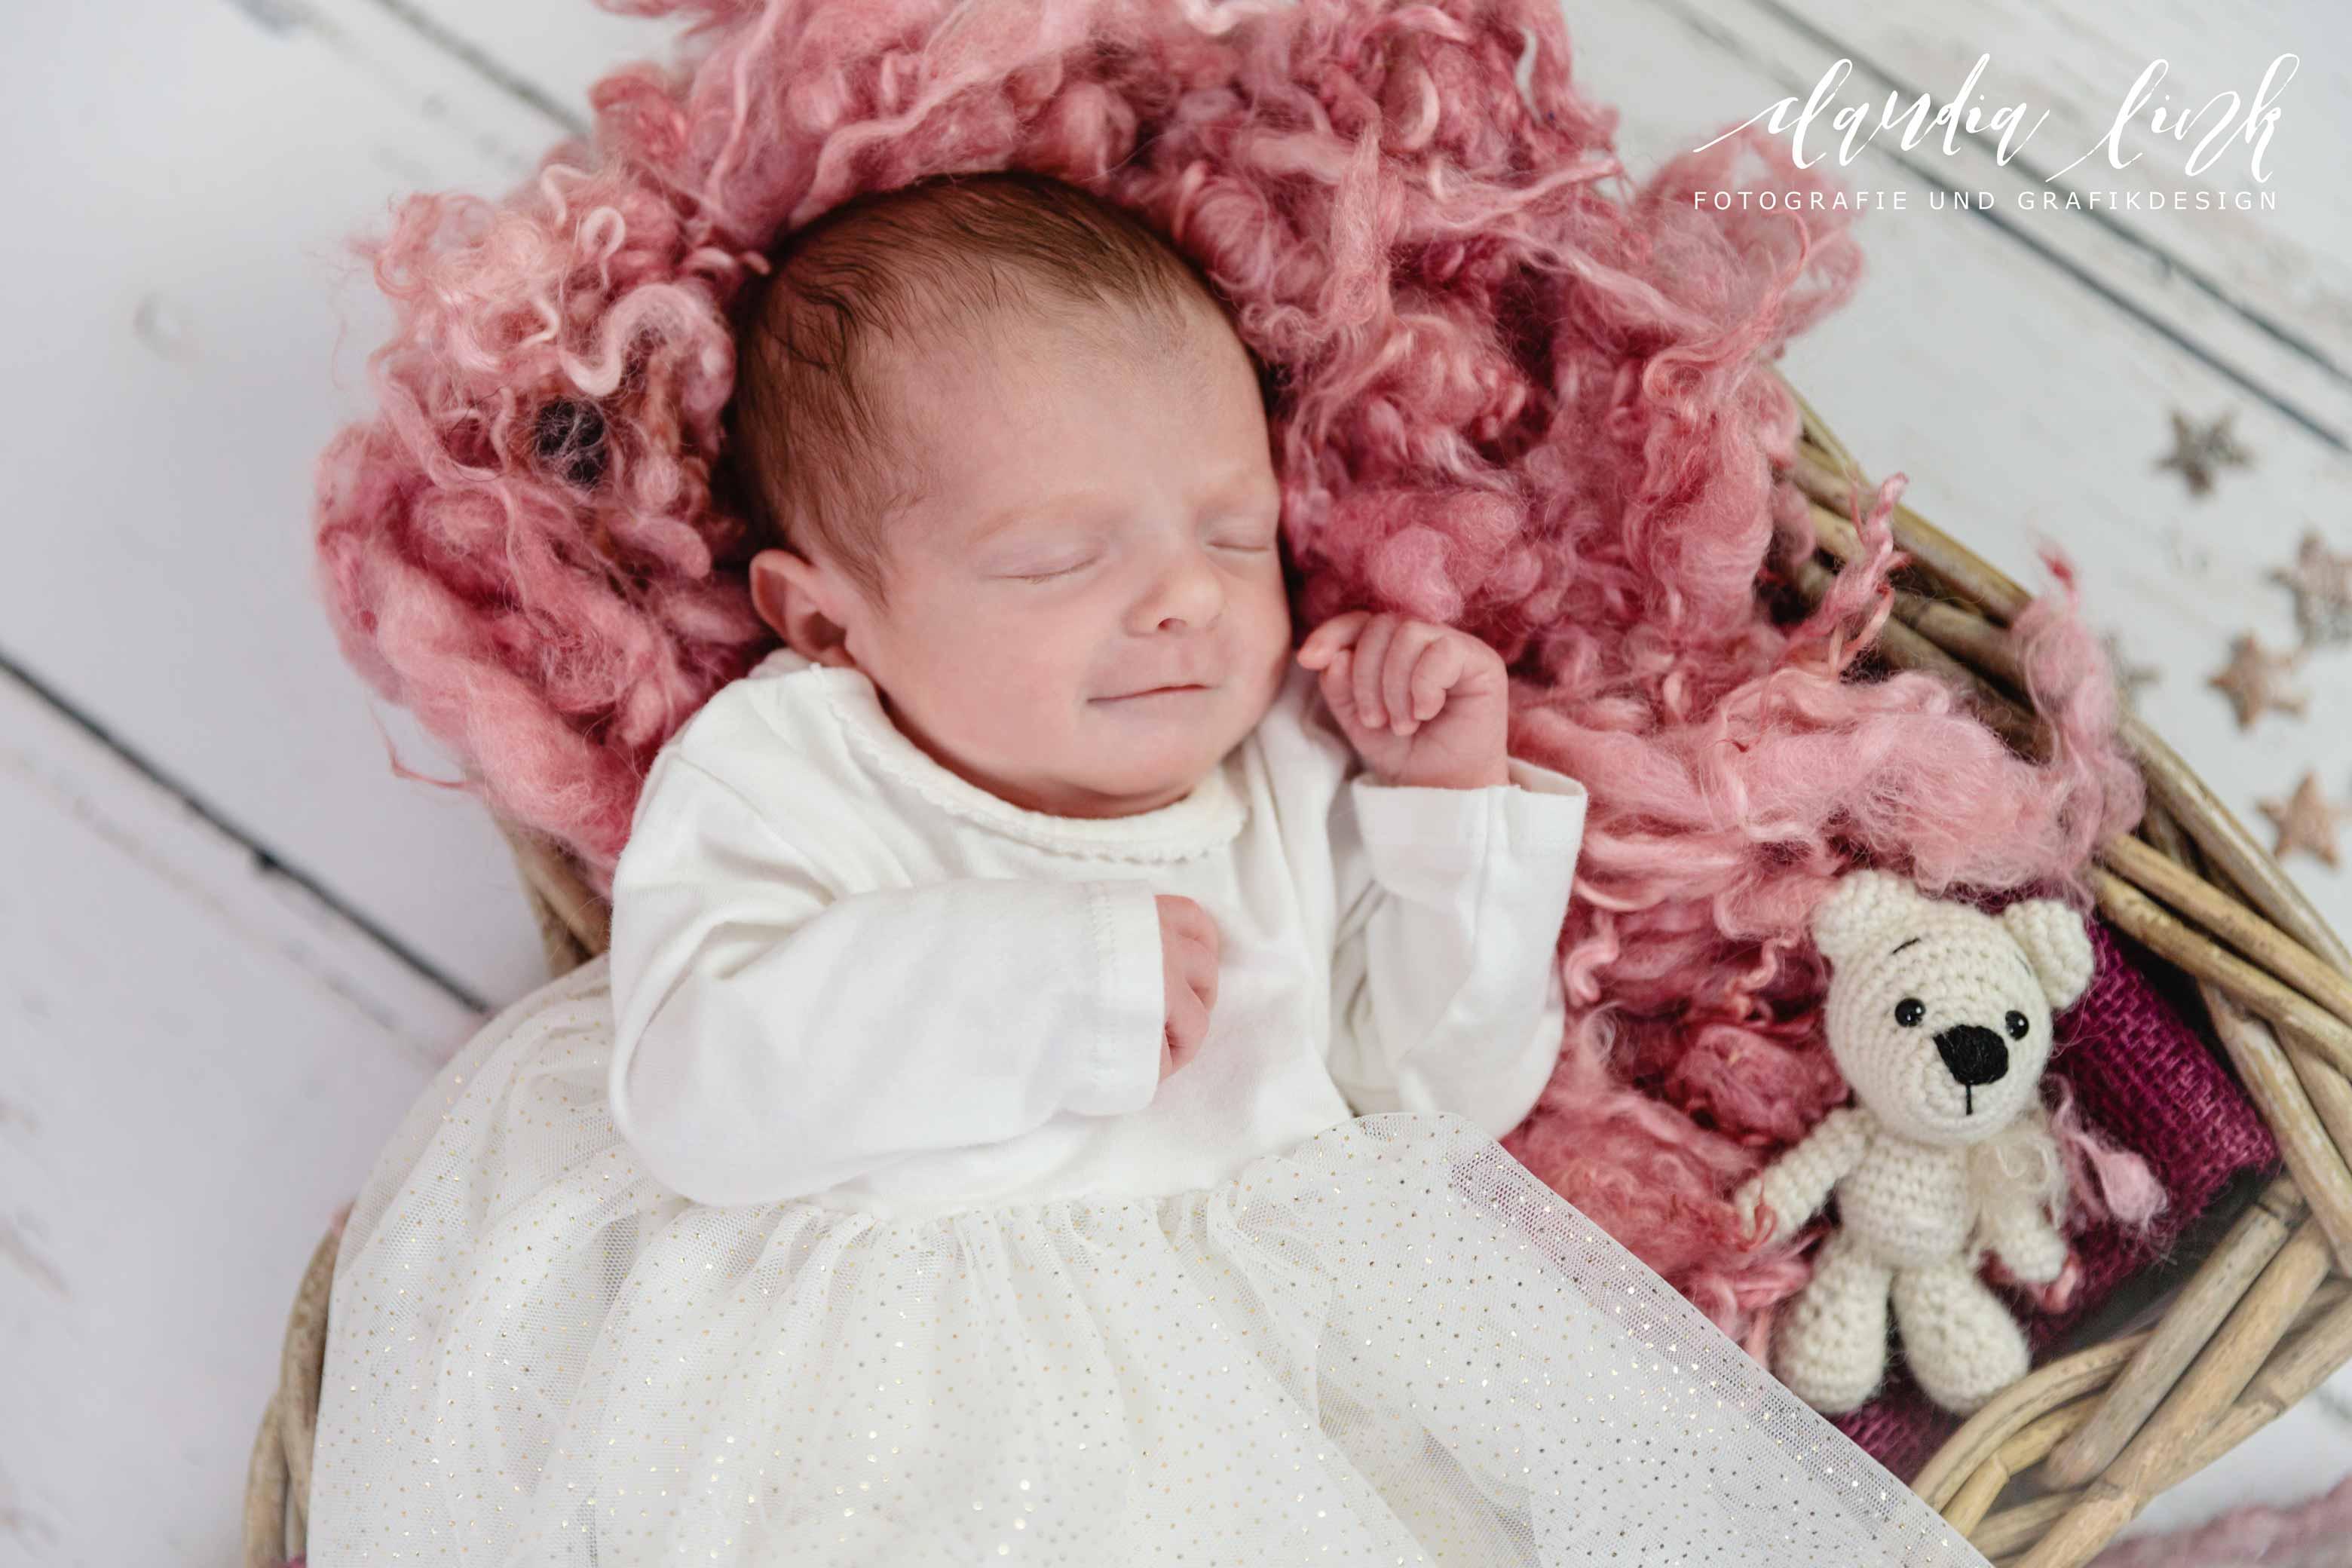 Newbornshooting – Ein schlafendes Baby verzaubert IMG 4945w